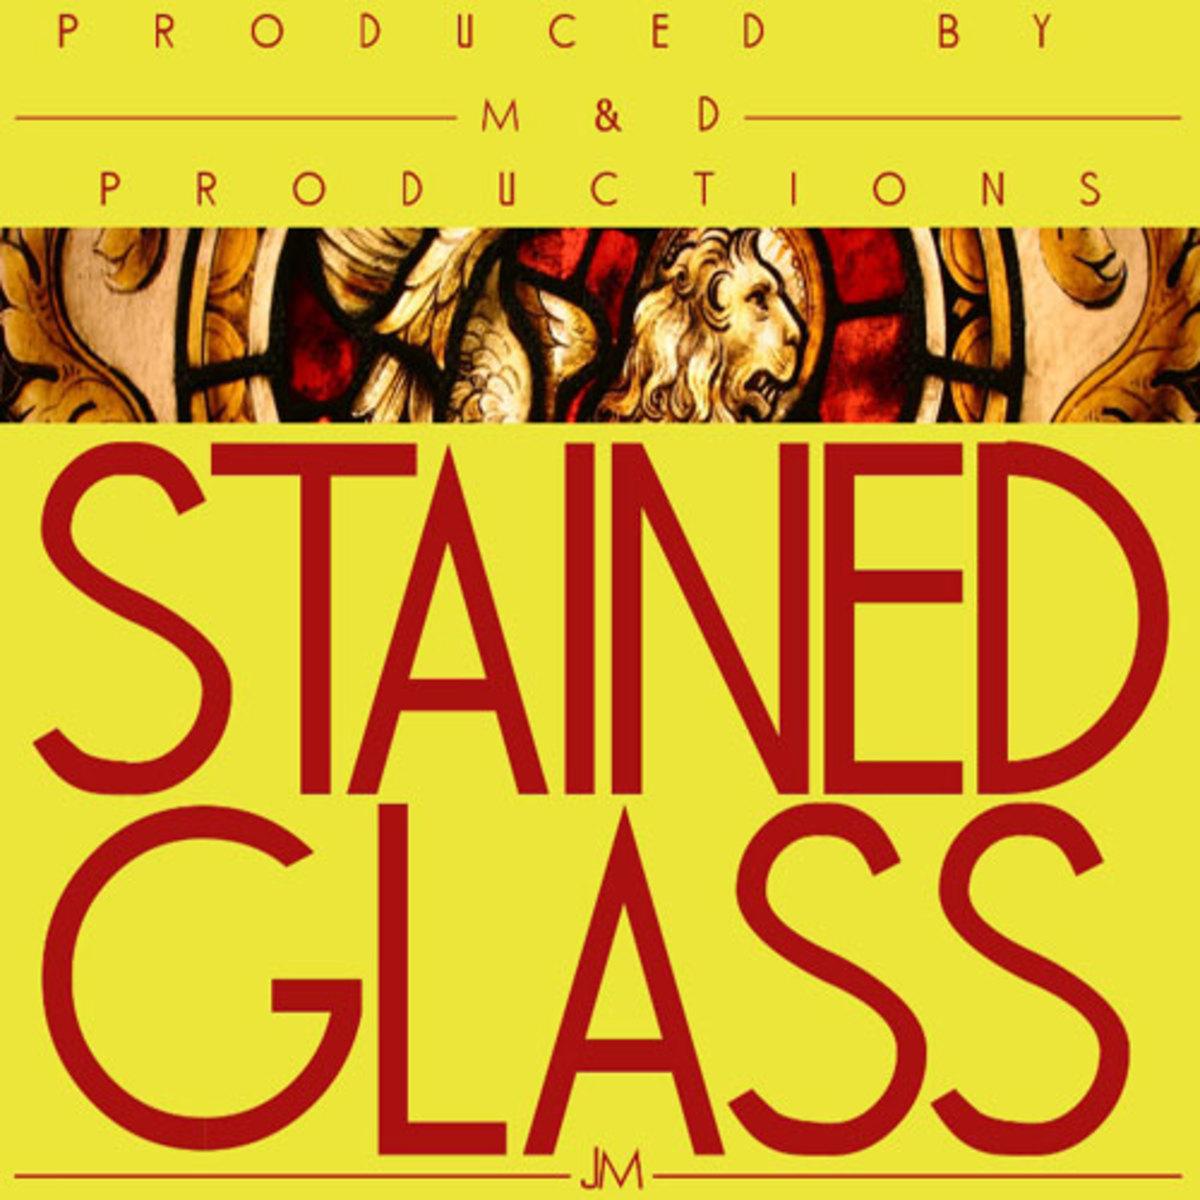 jmars-stainedglass.jpg